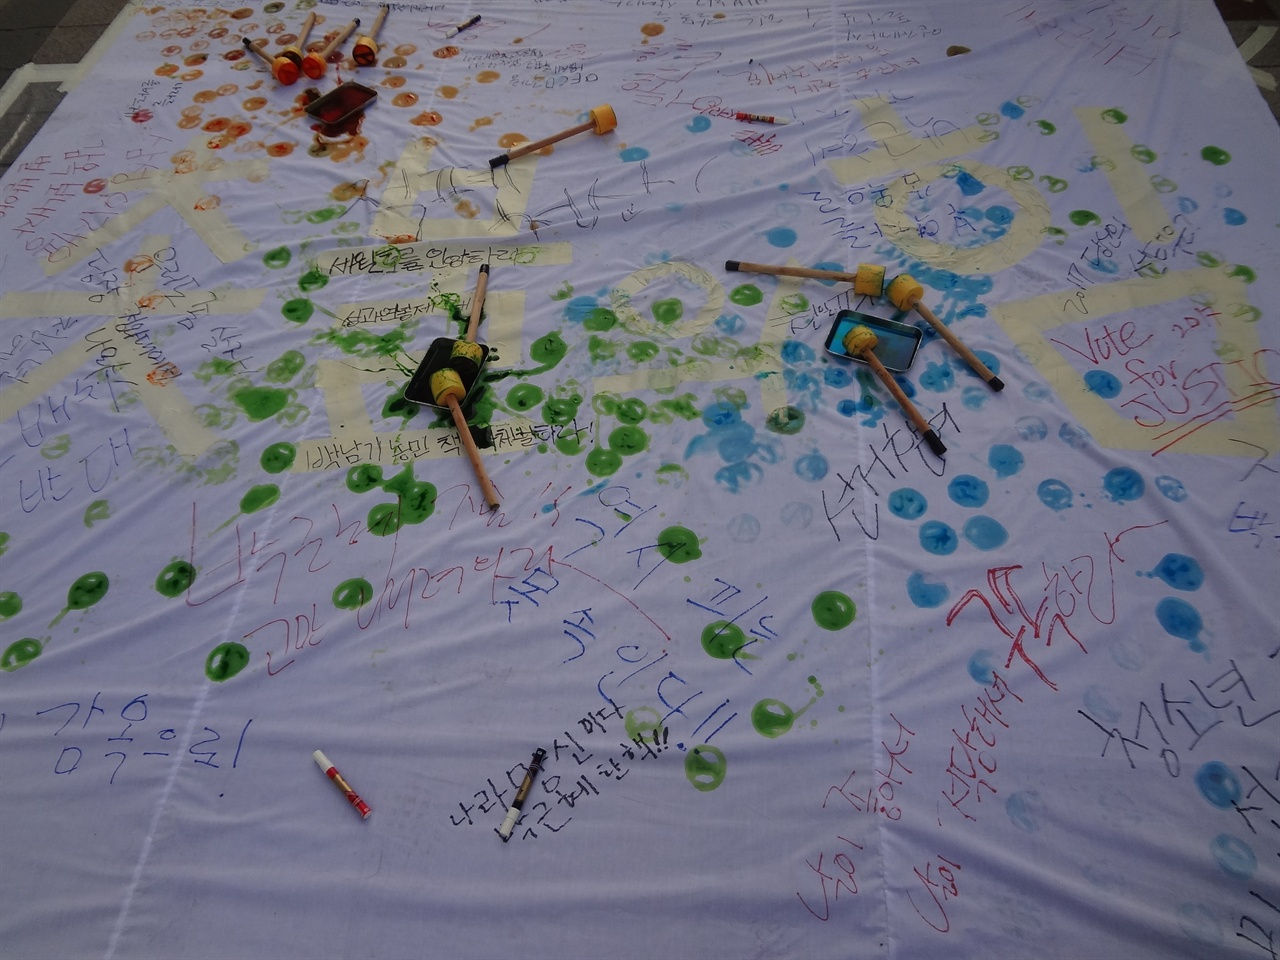 촛불의 힘을 꾸미자! 2월 4일, 울산시민대회에서 피켓꾸미는 행사를 진행하고 있었다.